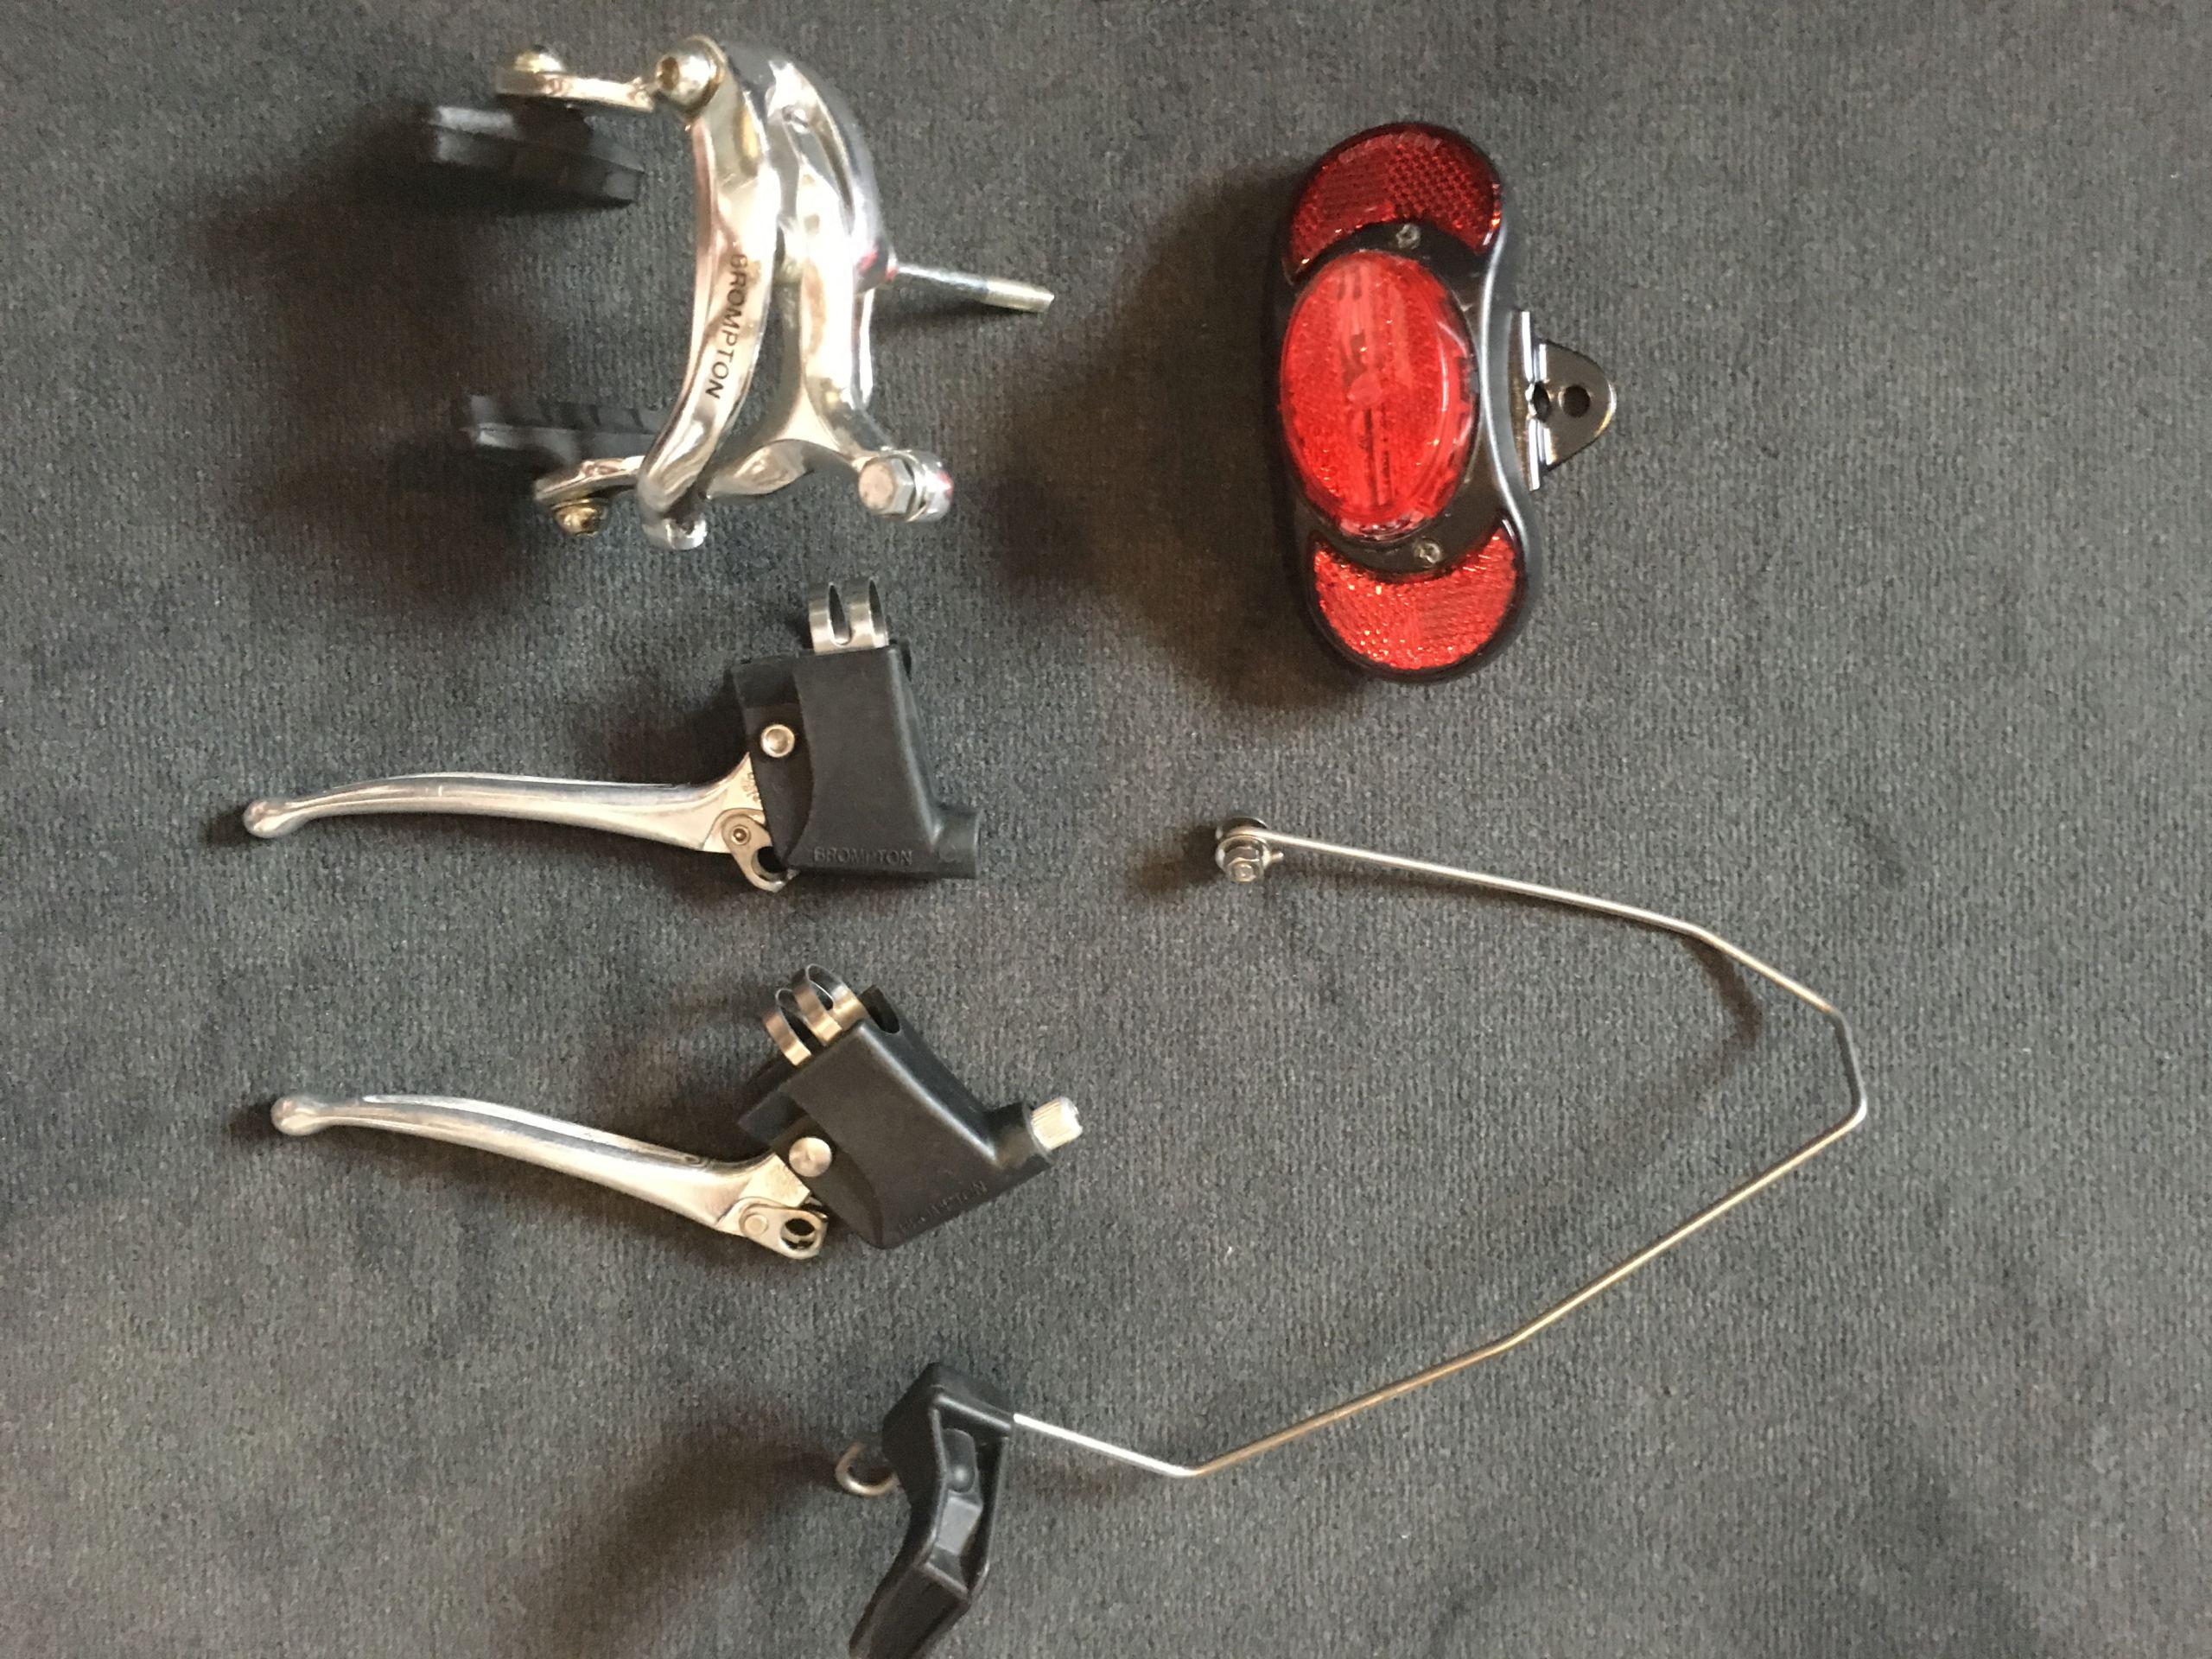 M6L à vendre [VENDU] Img_5721